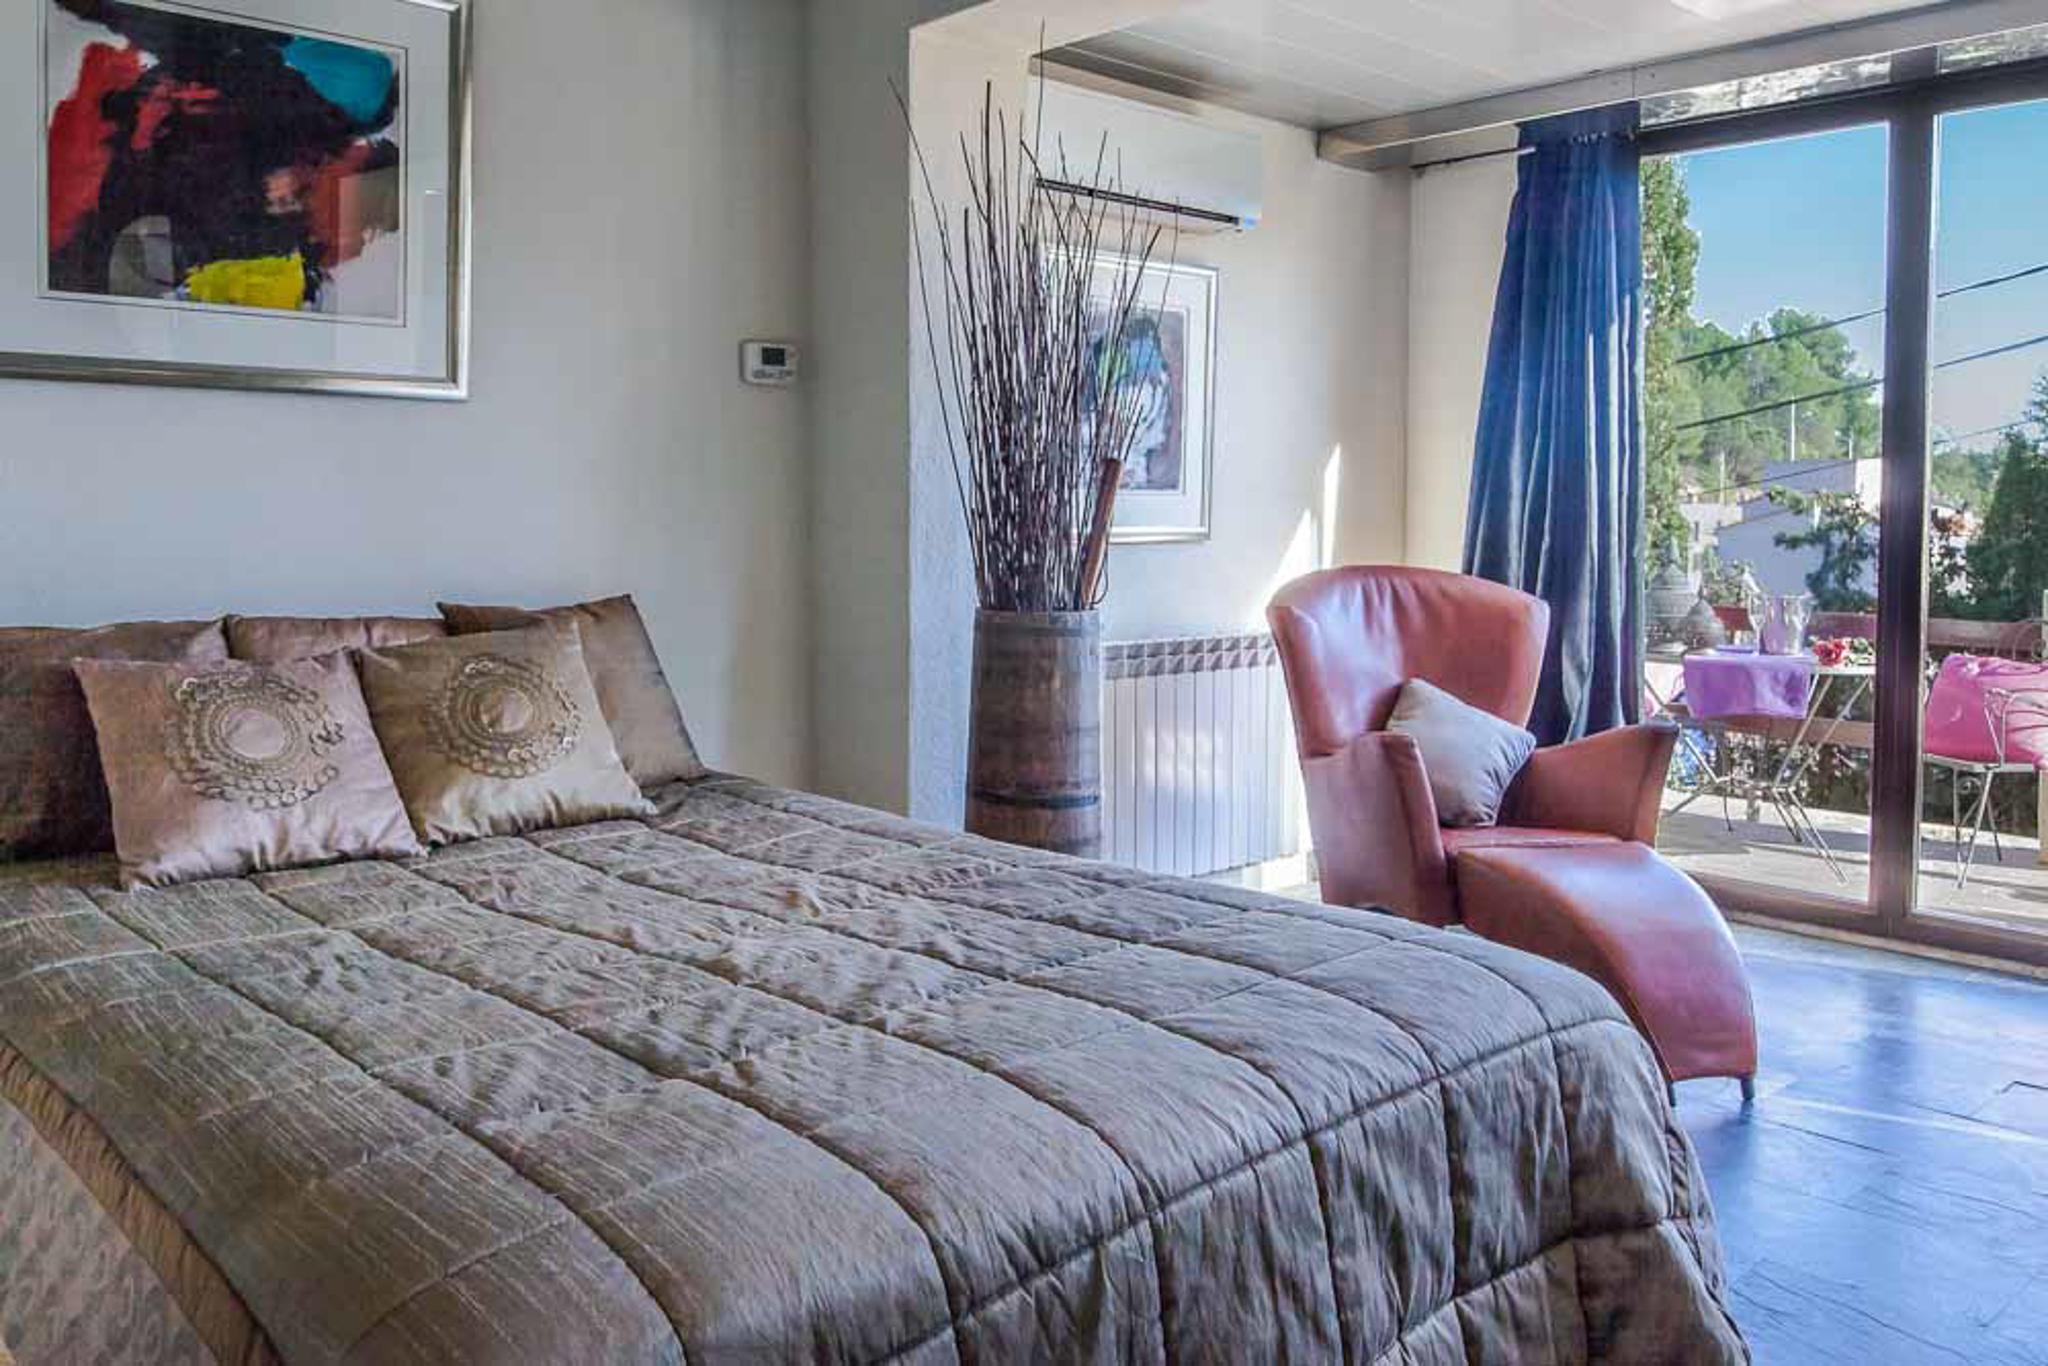 Ferienhaus Villa Palmera, Paradies in der Nhe von Barcelona, luxurise Villa fr 22 Personen (2379177), Olivella, Costa del Garraf, Katalonien, Spanien, Bild 27